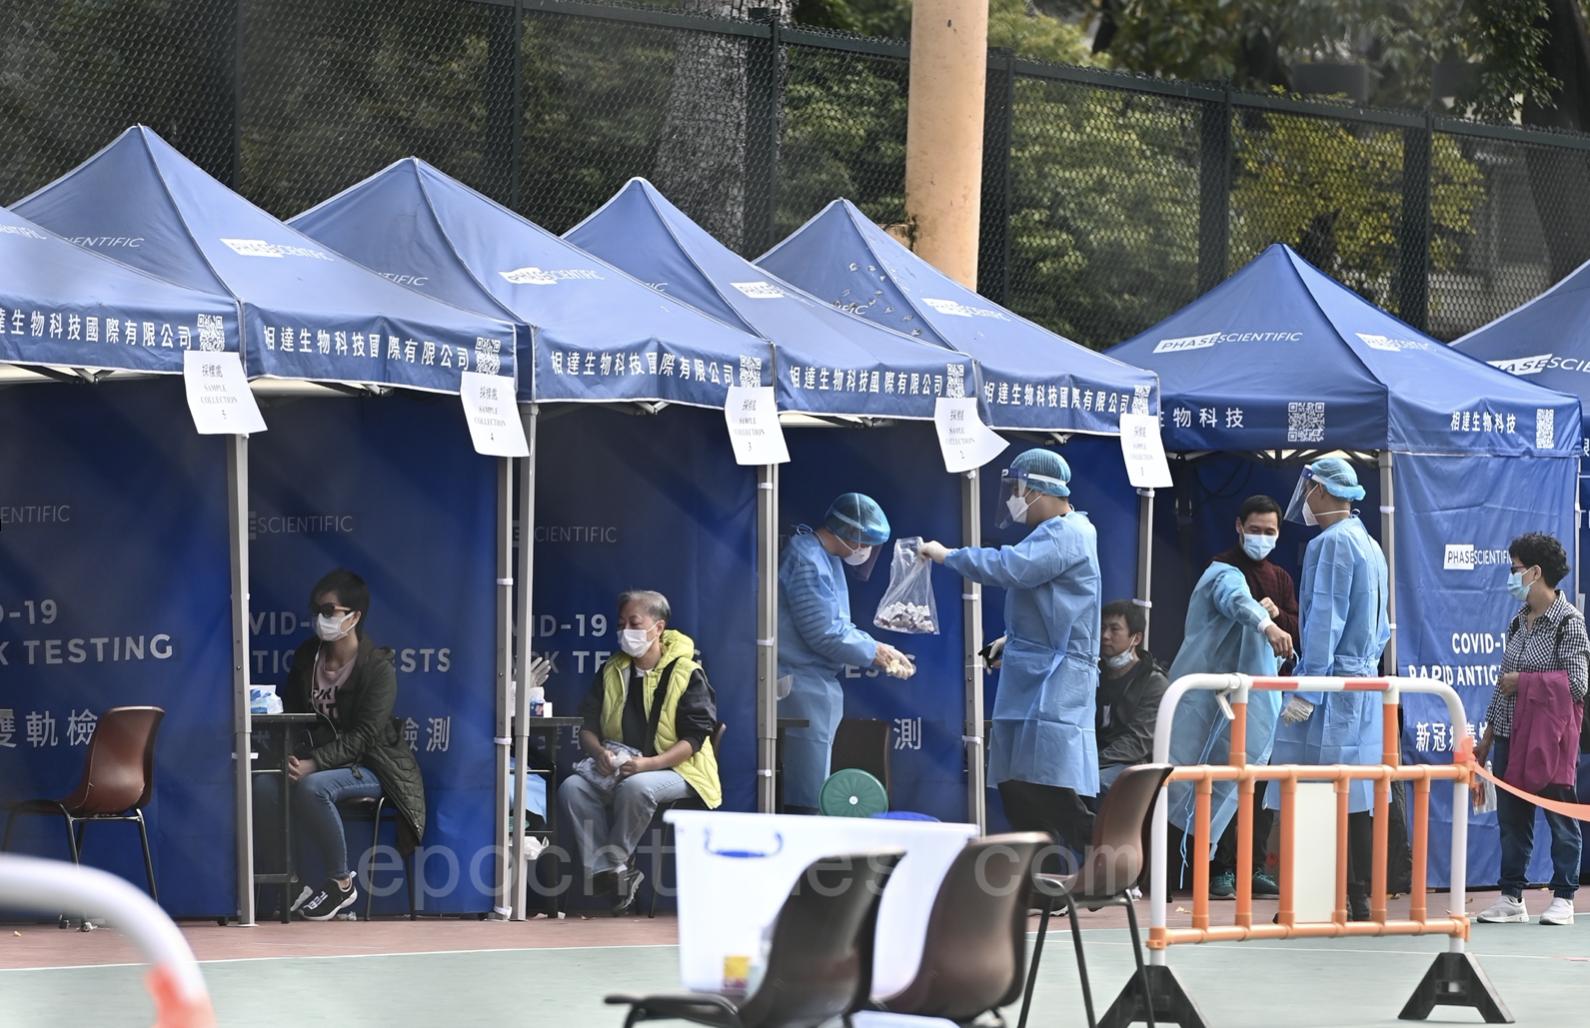 香港政府於深水埗楓樹街運動場設流動採樣站。(大紀元/宋碧龍)